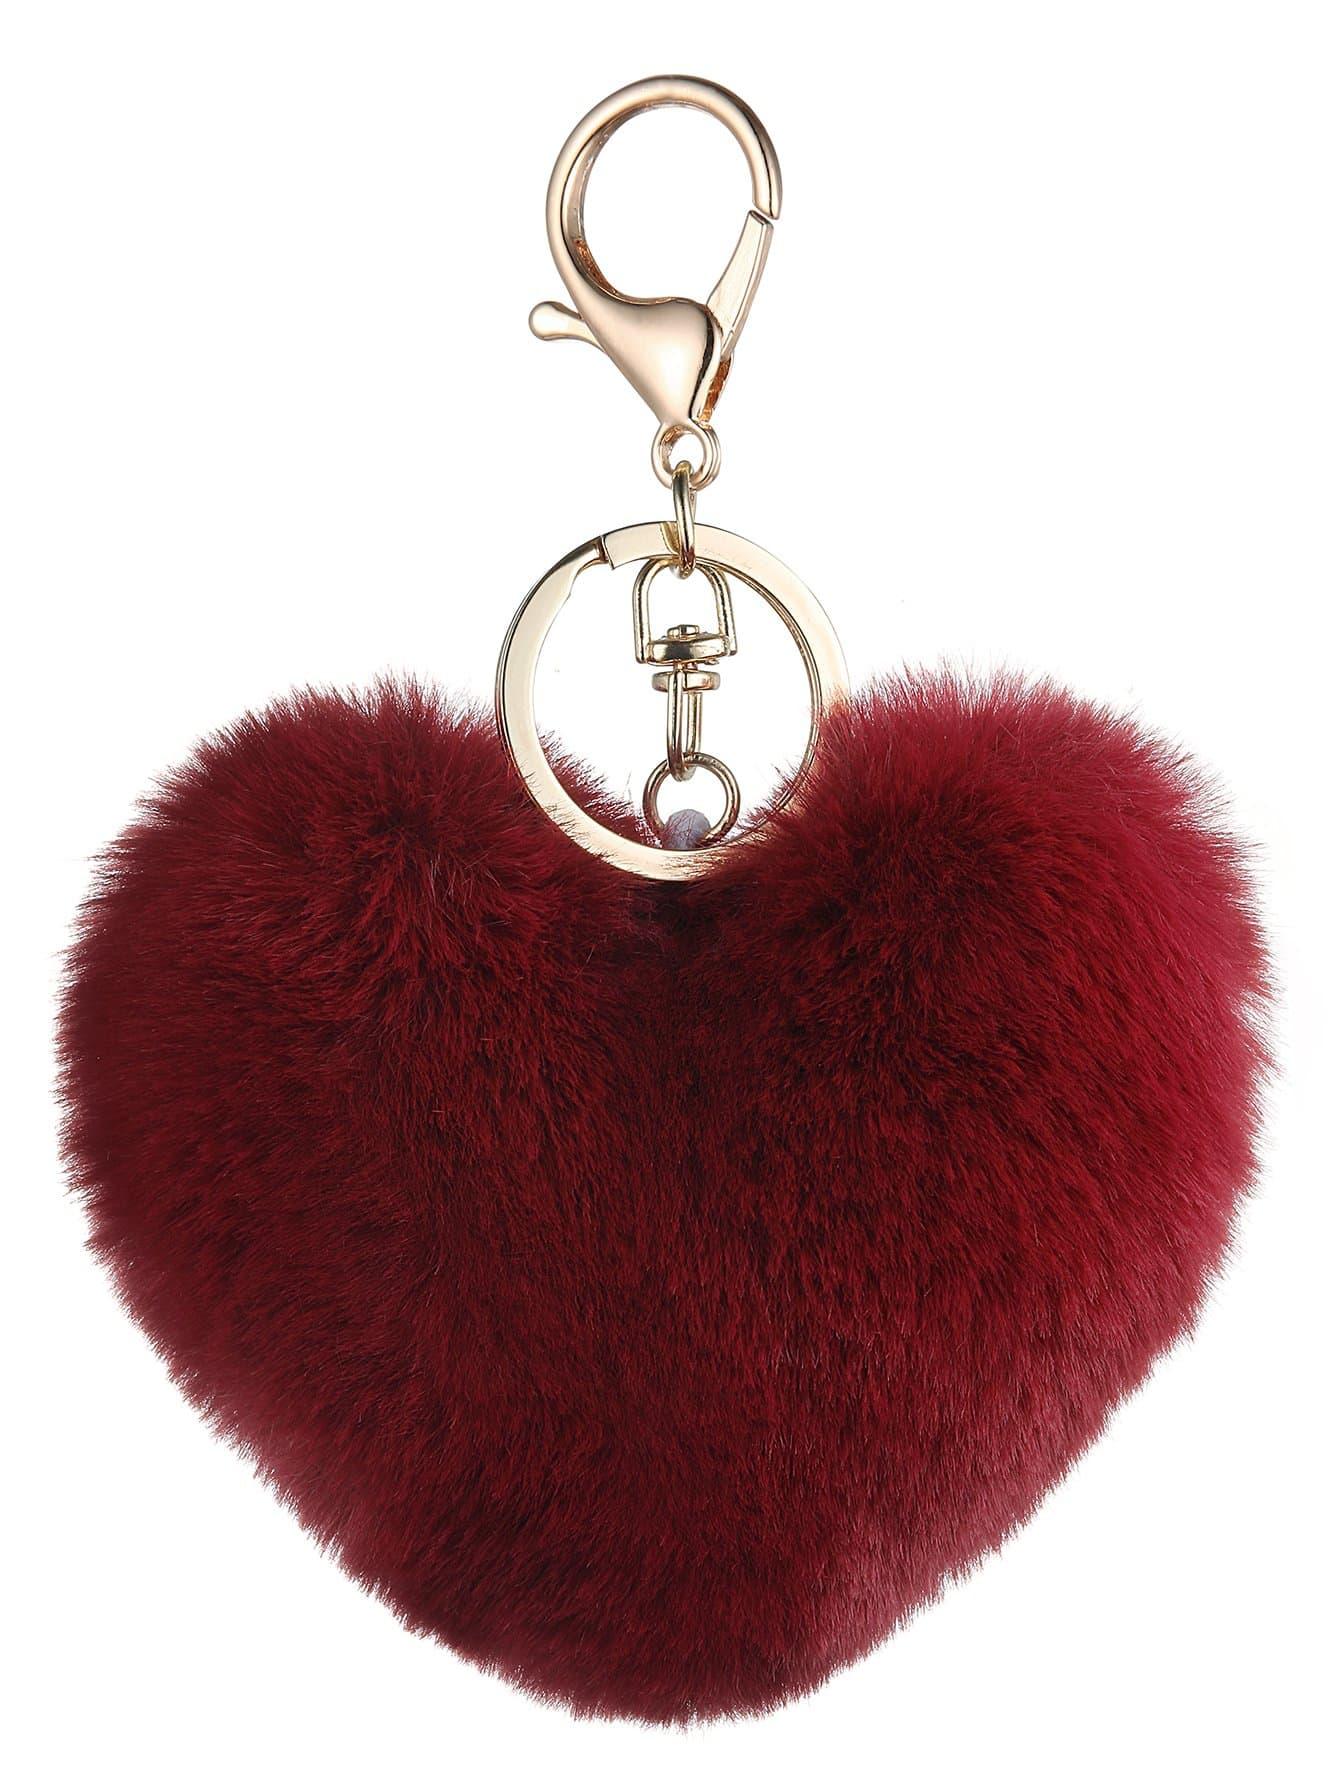 Купить Брелок для ключей с помпоном в форме сердца, null, SheIn